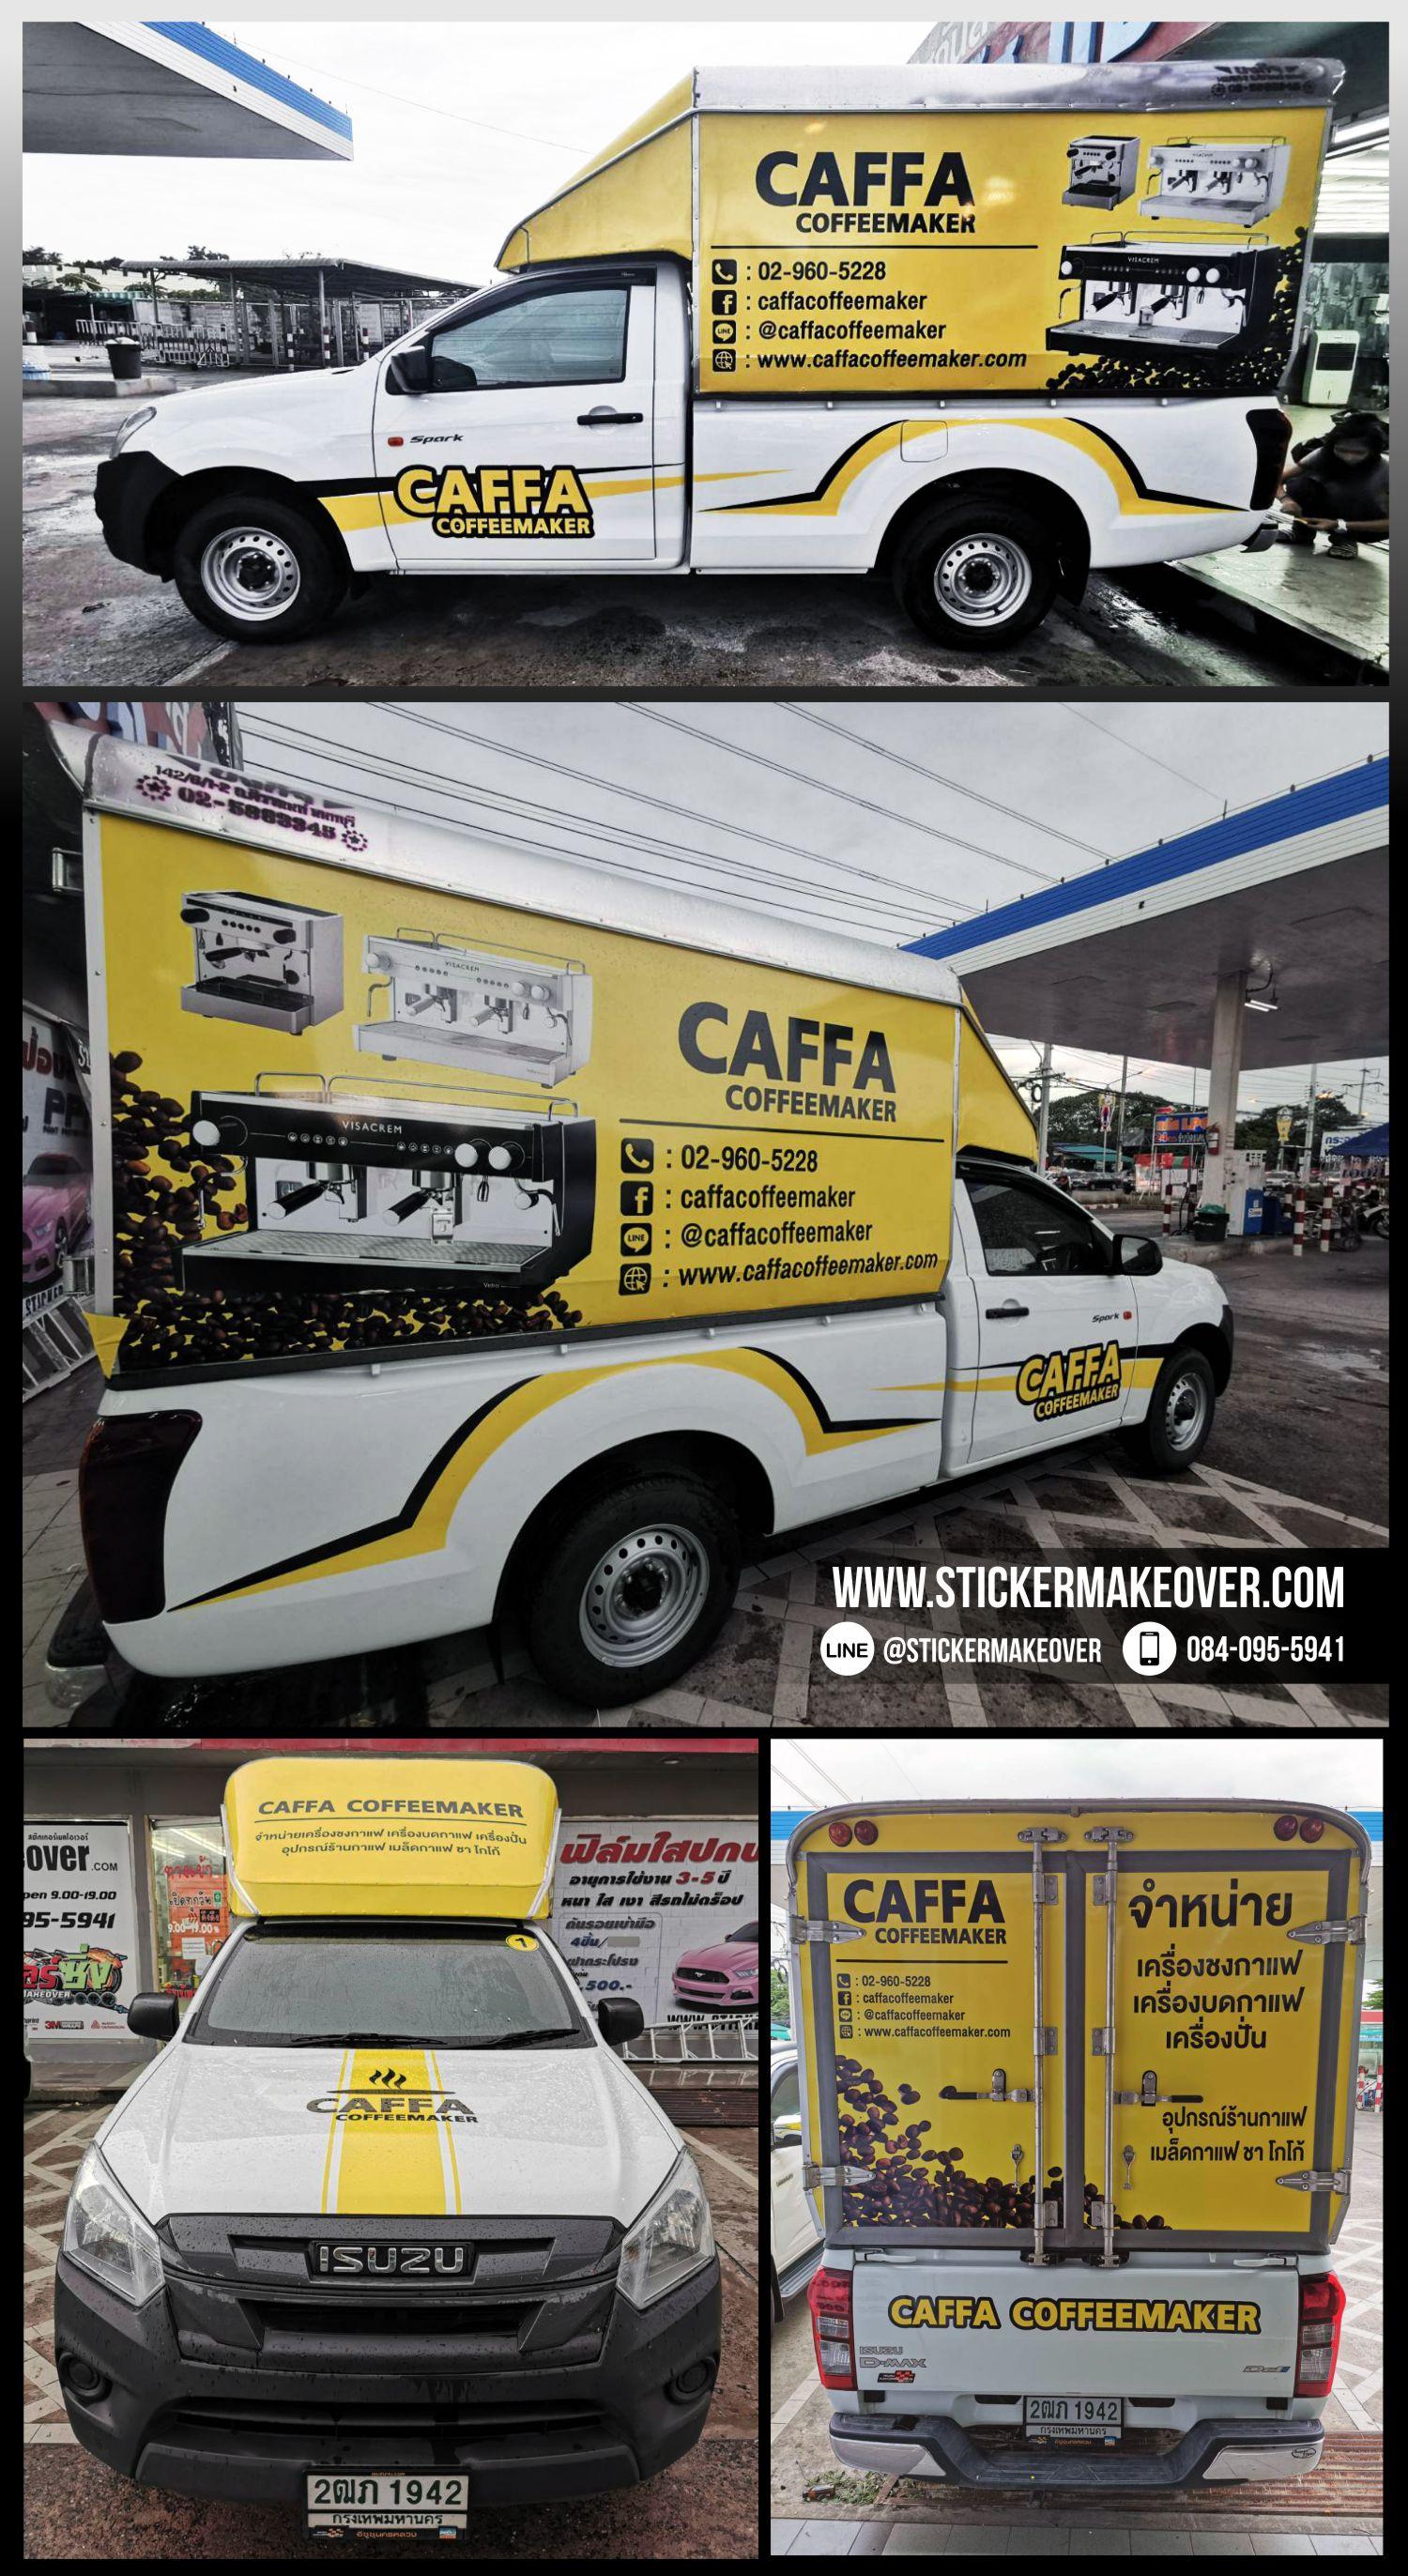 สติ๊กเกอร์ติดรถ สติกเกอร์รถฟู้ดทรัค food truck รถโฆษณา รถบริษัท ตู้ CargoBox ออกเเบบสติกเกอร์รถบริษัท สติกเกอร์โฆษณาติดรถบริษัท ติดสติกเกอร์รถส่งของ สติกเกอร์ติดตู้ส่งของ ติดสติกเกอร์รถโมบาย สติกเกอร์ติดแครี่บอย ติดสติกเกอร์รถบริษัทนอกสถานที่ ร้านสติกเกอร์แถวนนทบุรี ติดสติกเกอร์รถบริษัทคุณภาพดี ติดตั้งรถบริษัทนอกสถานที่